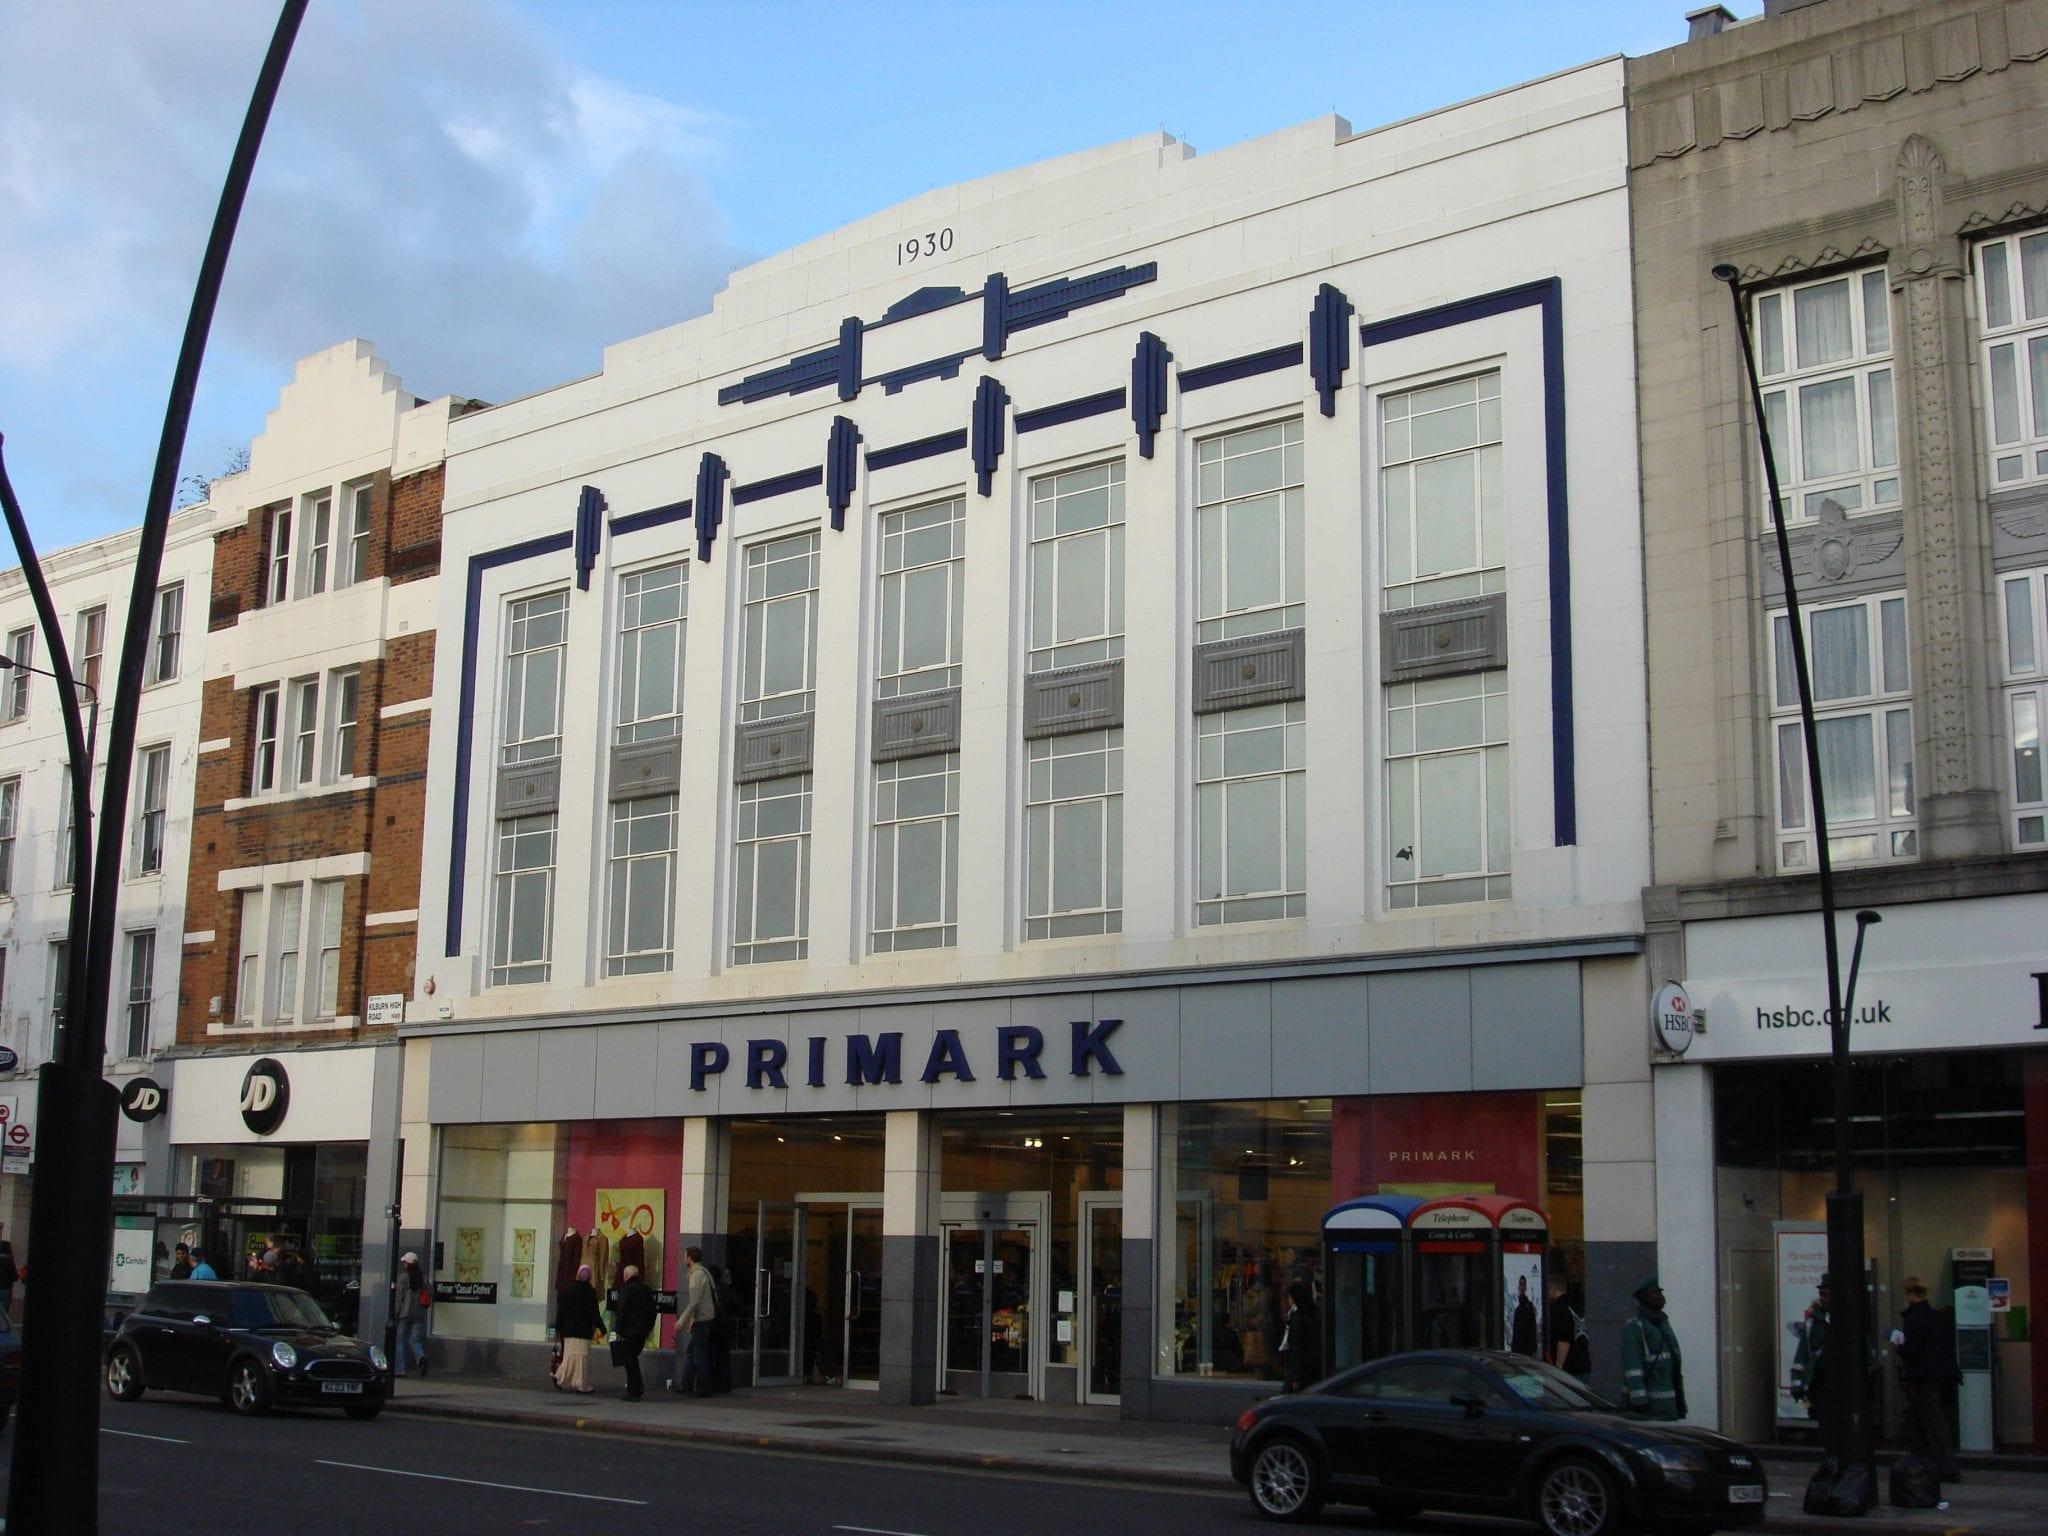 Comprar ropa para hombre en Primark